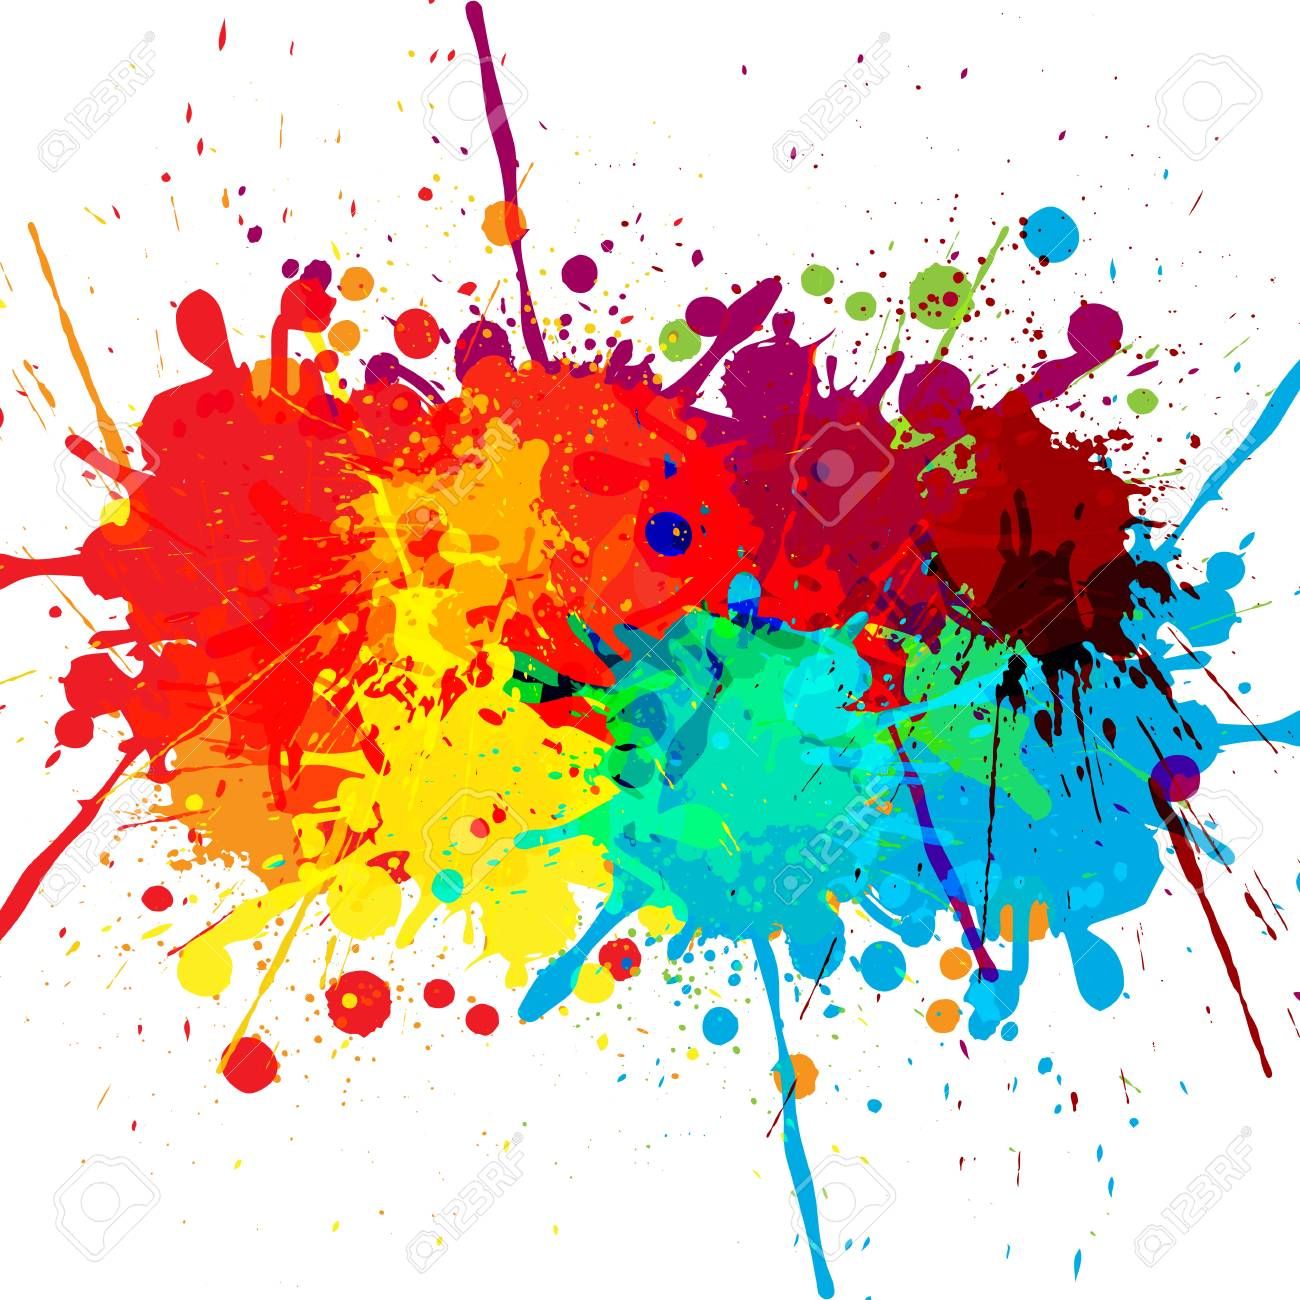 abstract splatter color design background illustration vector